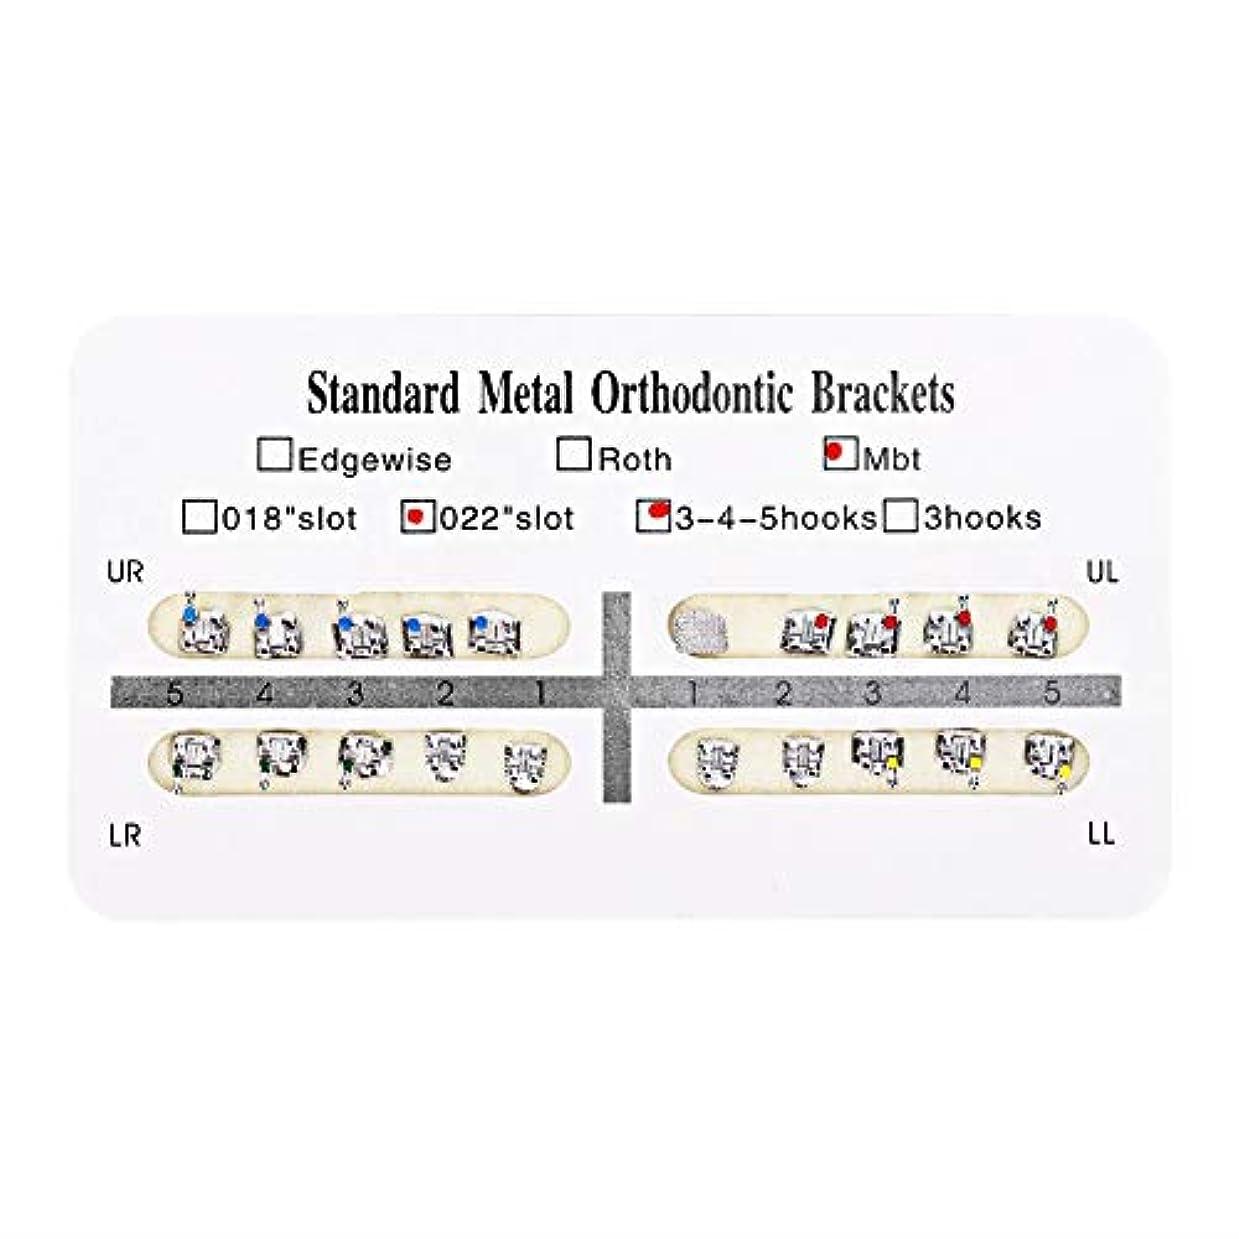 再集計モルヒネ乱闘NITRIP 10パック 歯科矯正ブラケット クリニーク歯科ツール (Mbt)